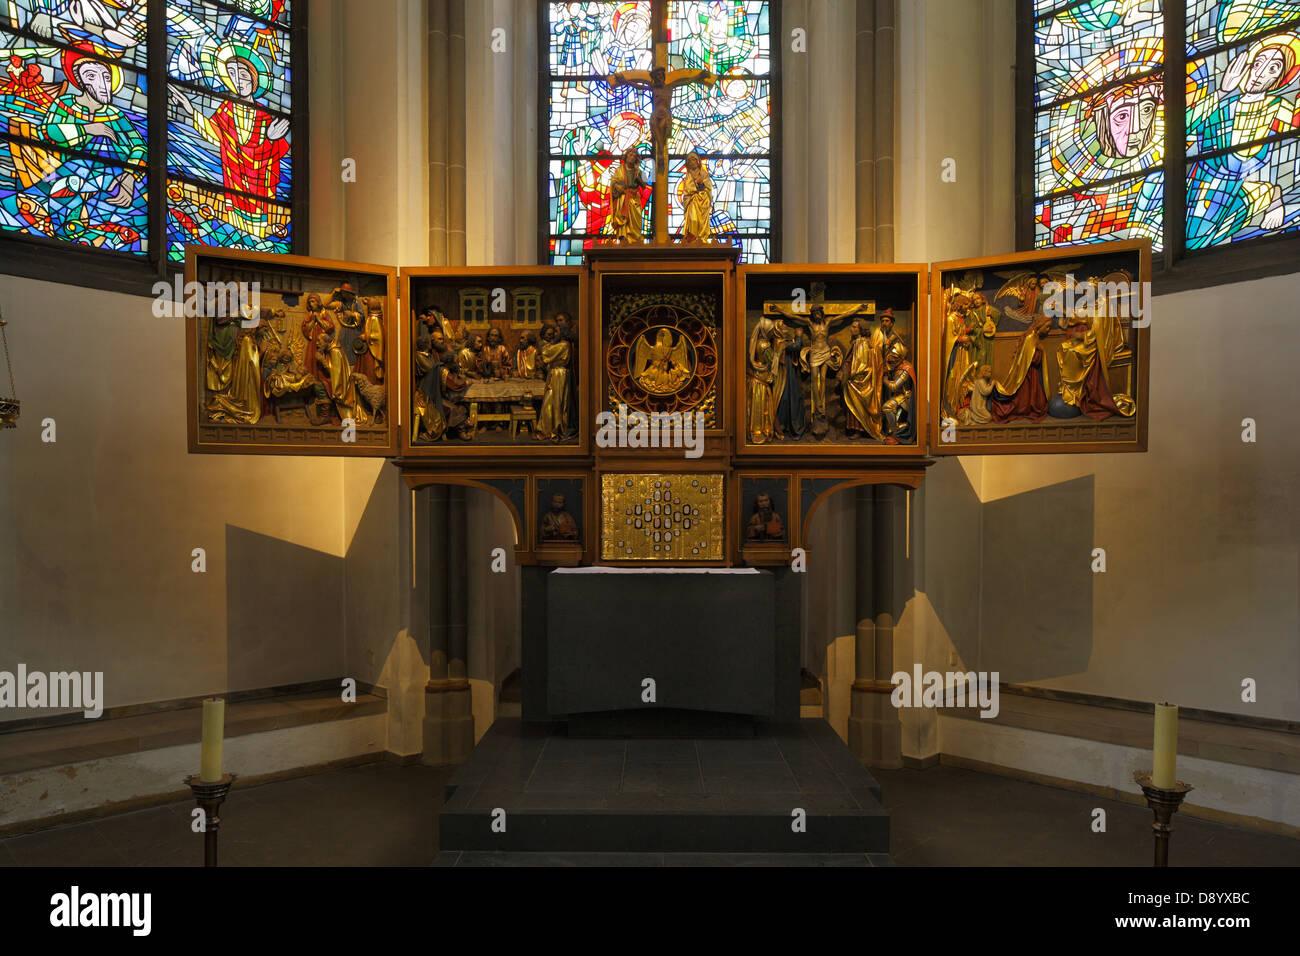 Innenaufnahme der Propsteikirche Sankt Peter und Paul in Bochum, Ruhrgebiet, Nordrhein-Westfalen - Stock Image